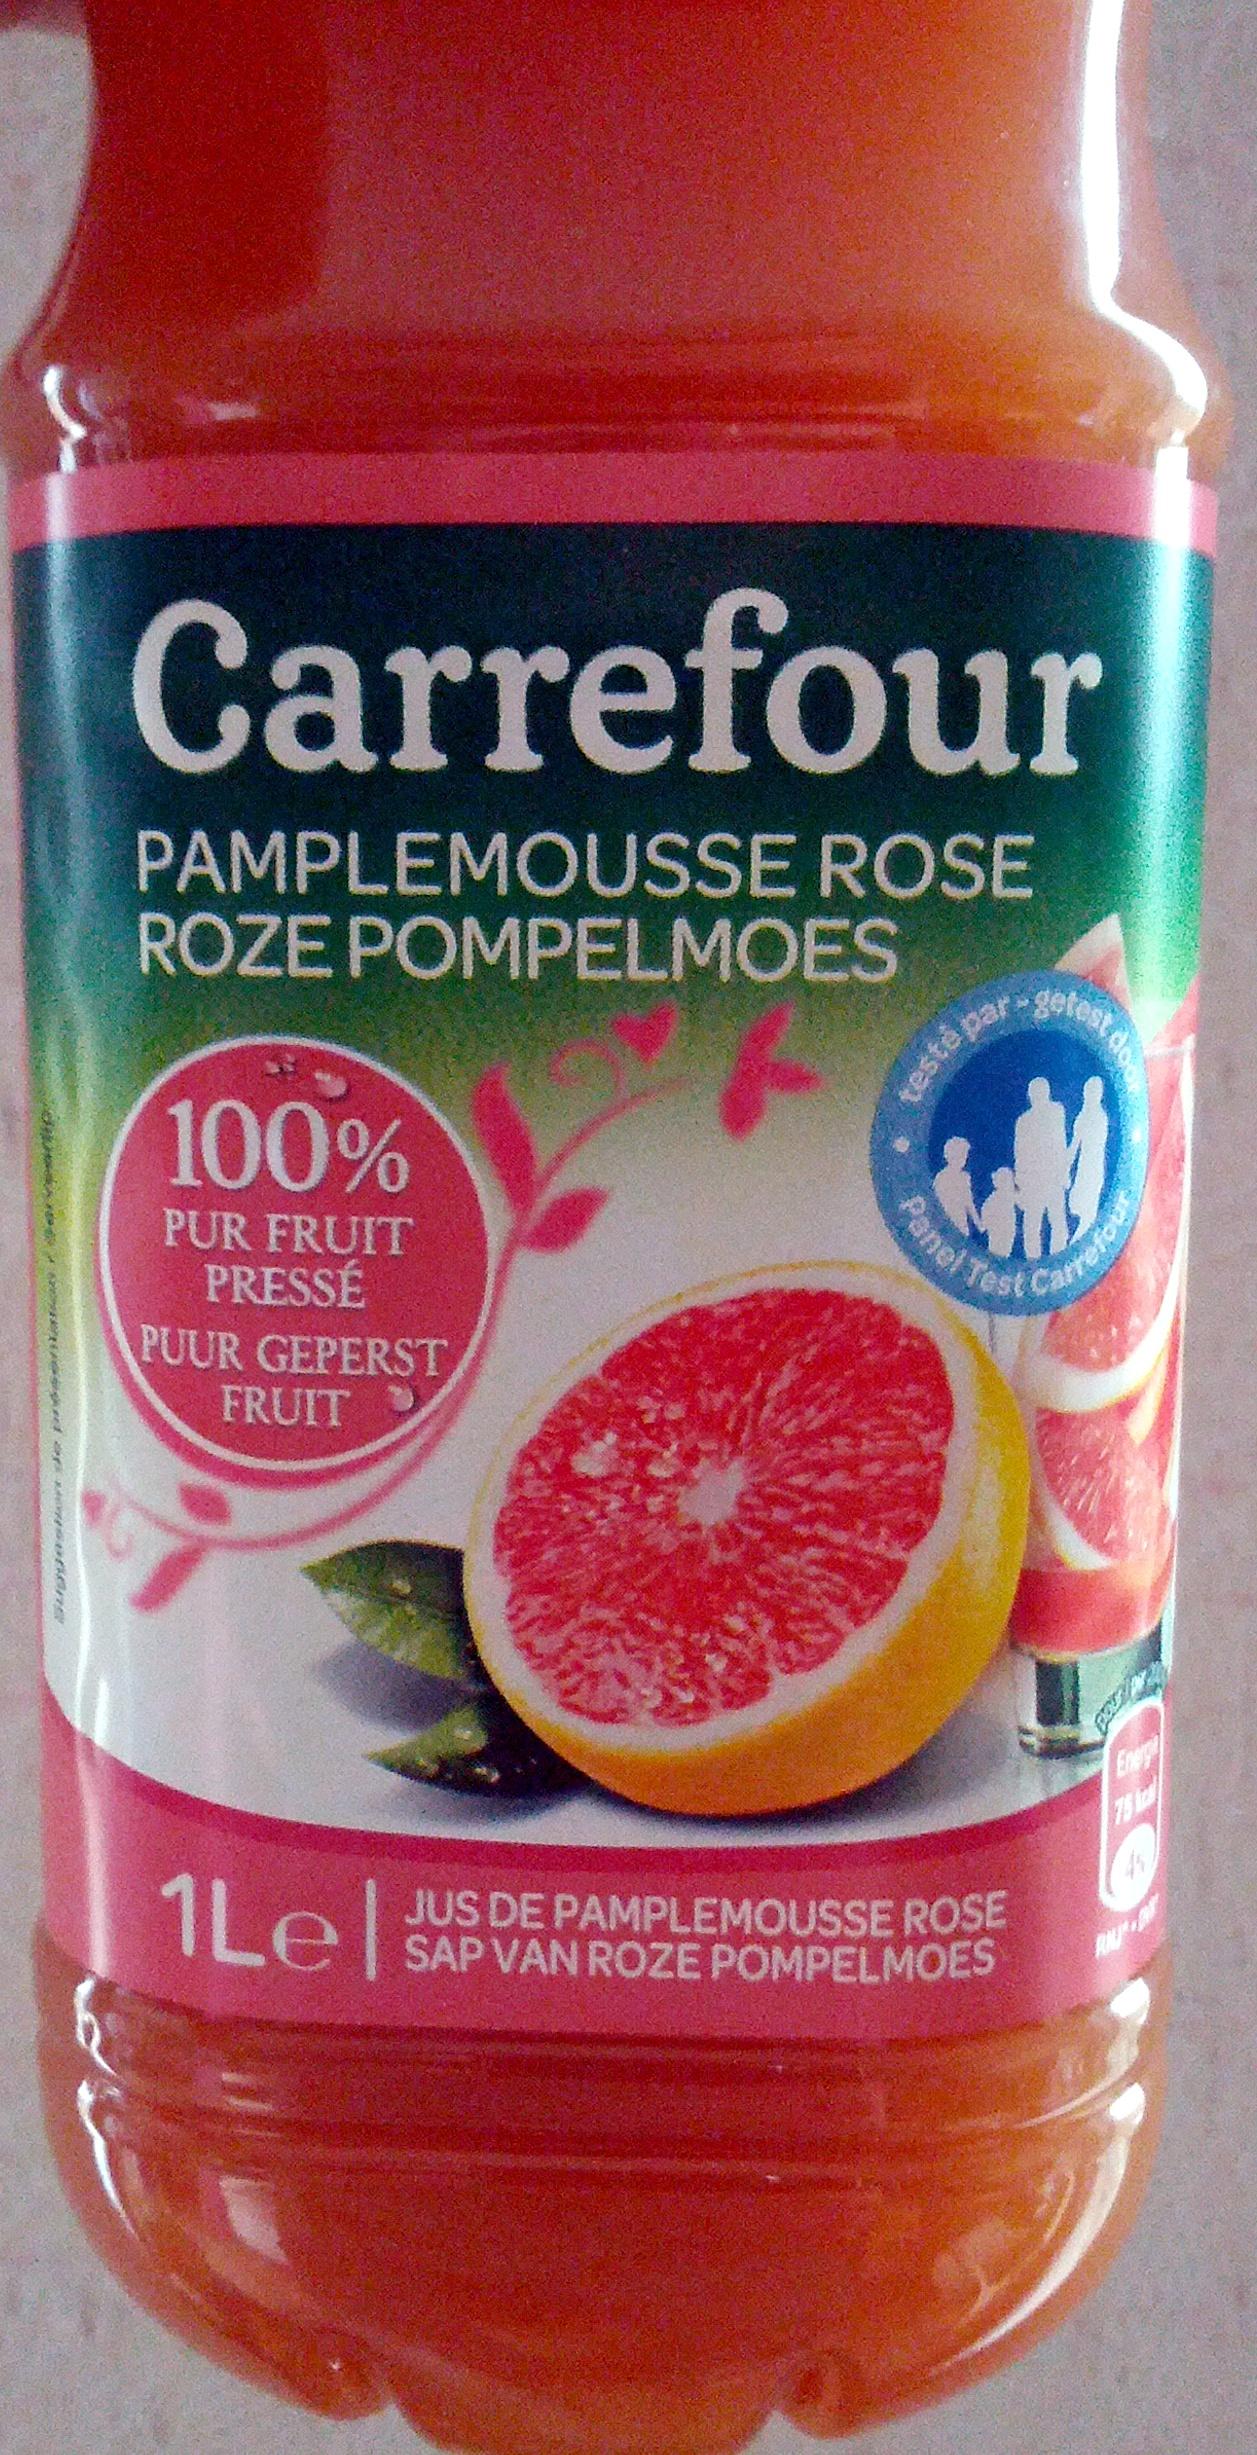 pamplemousse rose 100 pur fruit press carrefour 1 l. Black Bedroom Furniture Sets. Home Design Ideas